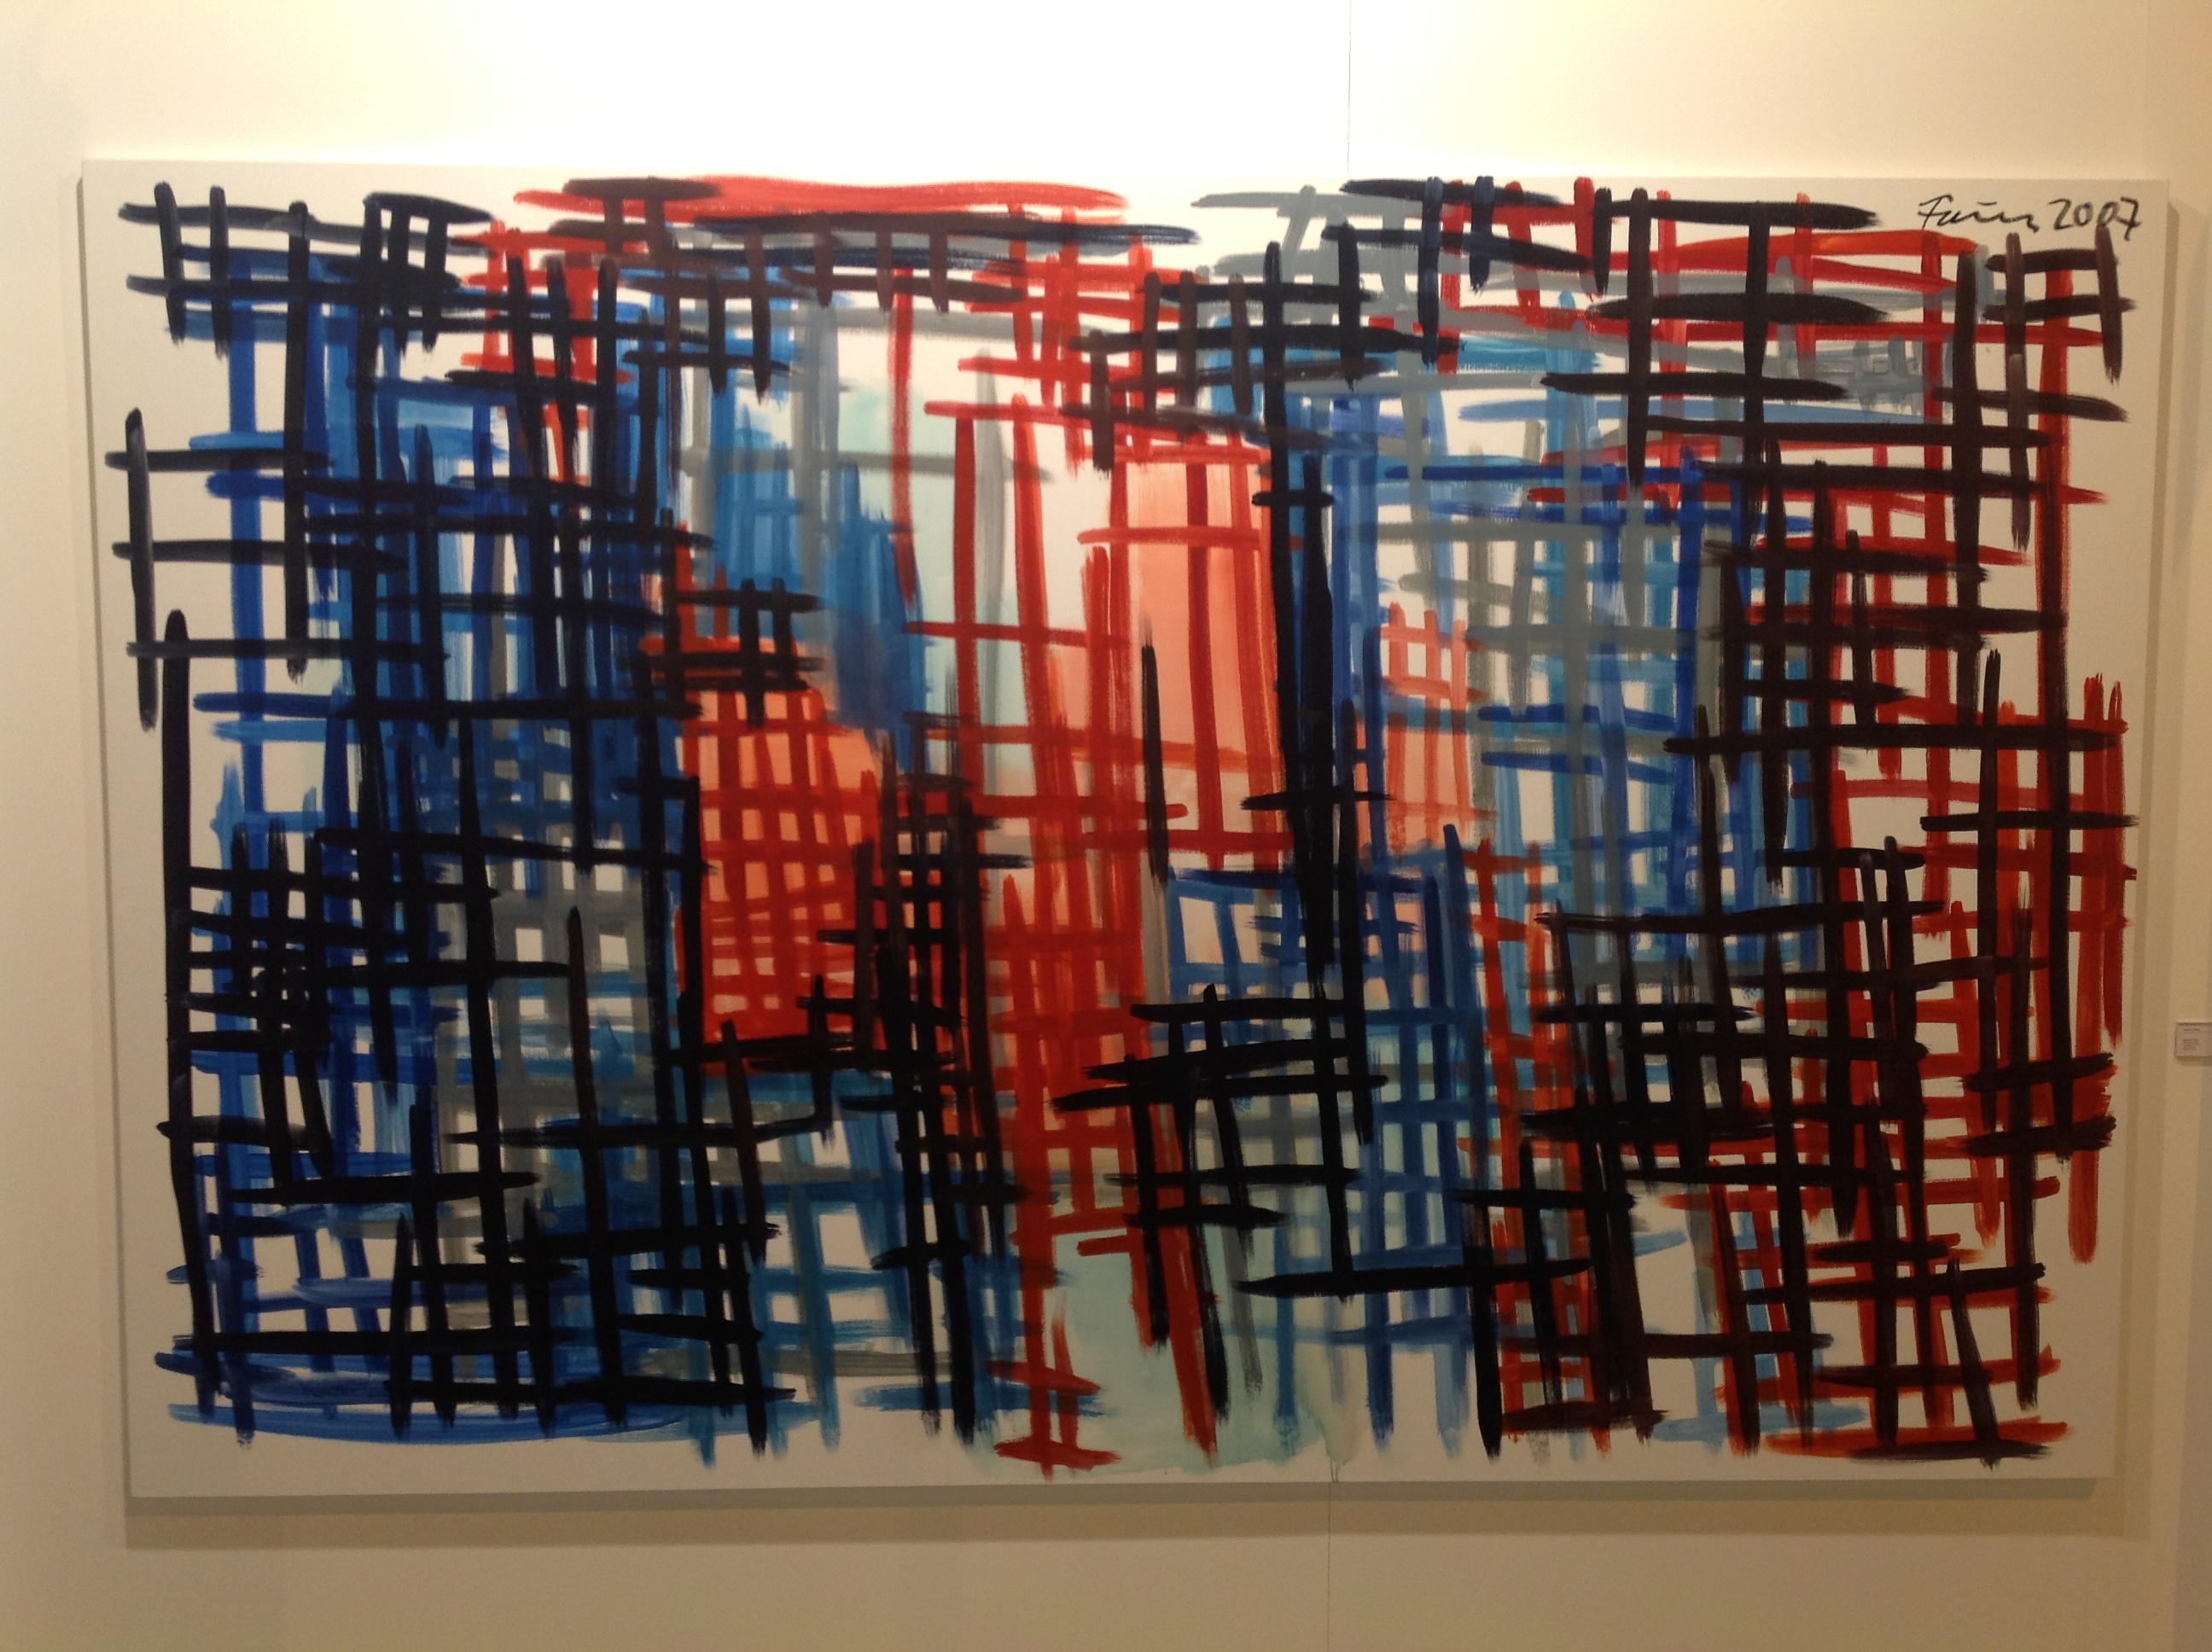 Obra del alemán Gunter Forg. Su obra se está valorando muchísimo luego de su fallecimiento el año pasado.